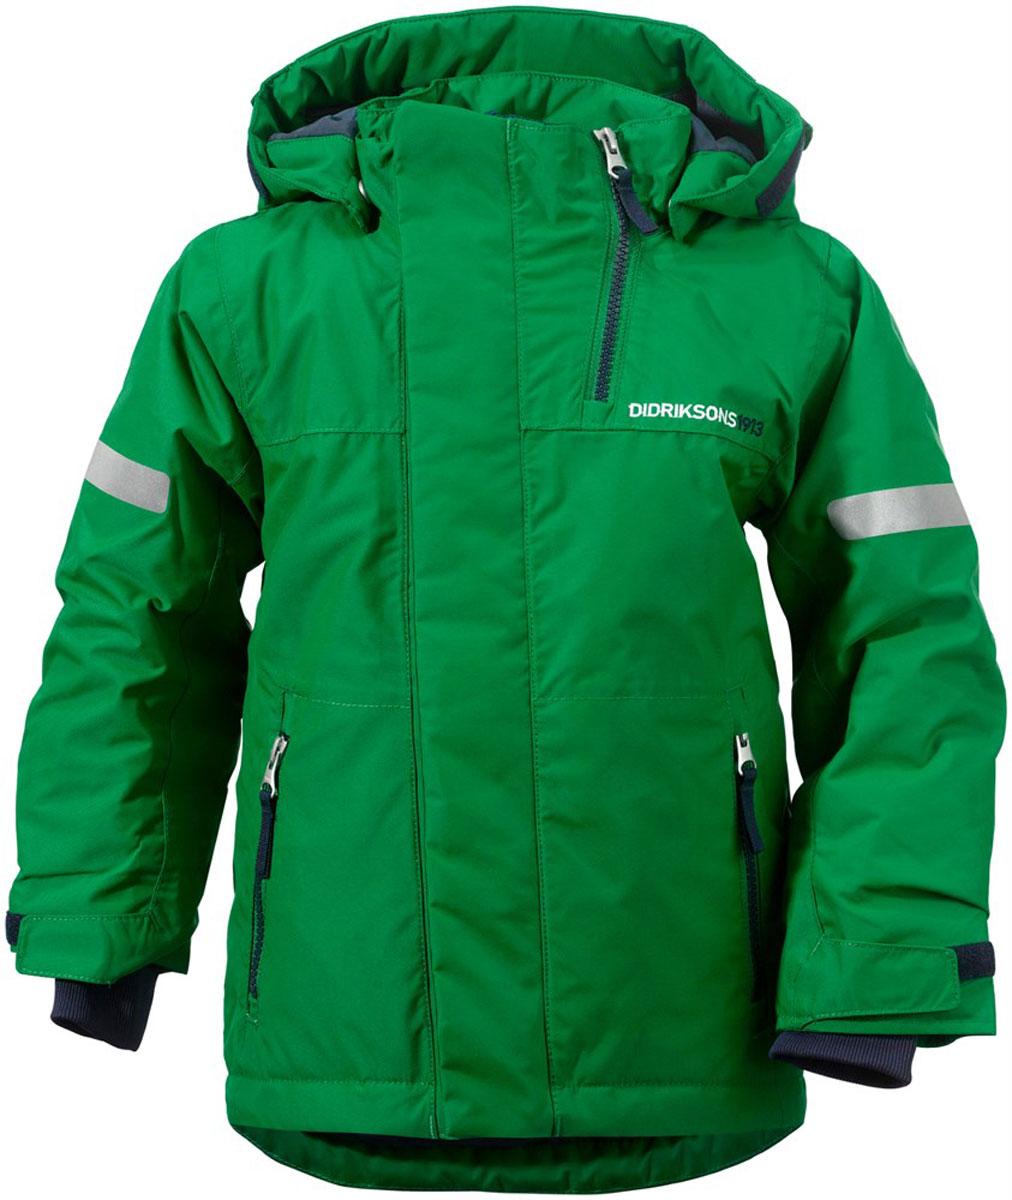 Куртка501023_192Яркая детская куртка Didriksons1913 Rovda идеально подойдет для ребенка в прохладное время года. Куртка выполнена из непромокаемой и непродуваемой мембранной ткани. Наполнитель из синтепона надежно сохранит тепло. Куртка с воротником-стойкой и съемным капюшоном на кнопках застегивается на удобную застежку-молнию спереди и имеет ветрозащитный клапан на липучках и кнопках, объем капюшона регулируется при помощи хлястика на липучках. Воротник дополнен застежкой-молнией, которая позволяет увеличить его объем. Рукава оснащены внутренними трикотажными манжетами и хлястиками на липучках. Низ модели дополнен шнурком-кулиской со стоппером и вставкой на кнопках, дополненной силиконовой лентой, которая обеспечит надежное прилегание и защитит ребенка от ветра, попадания снега и влаги. Спереди расположены два втачных кармана на застежках-молниях. Куртка дополнена светоотражающими полосками на рукавах, спинке и капюшоне. Рассчитана на температуру от -5°С до -20°С (при ...